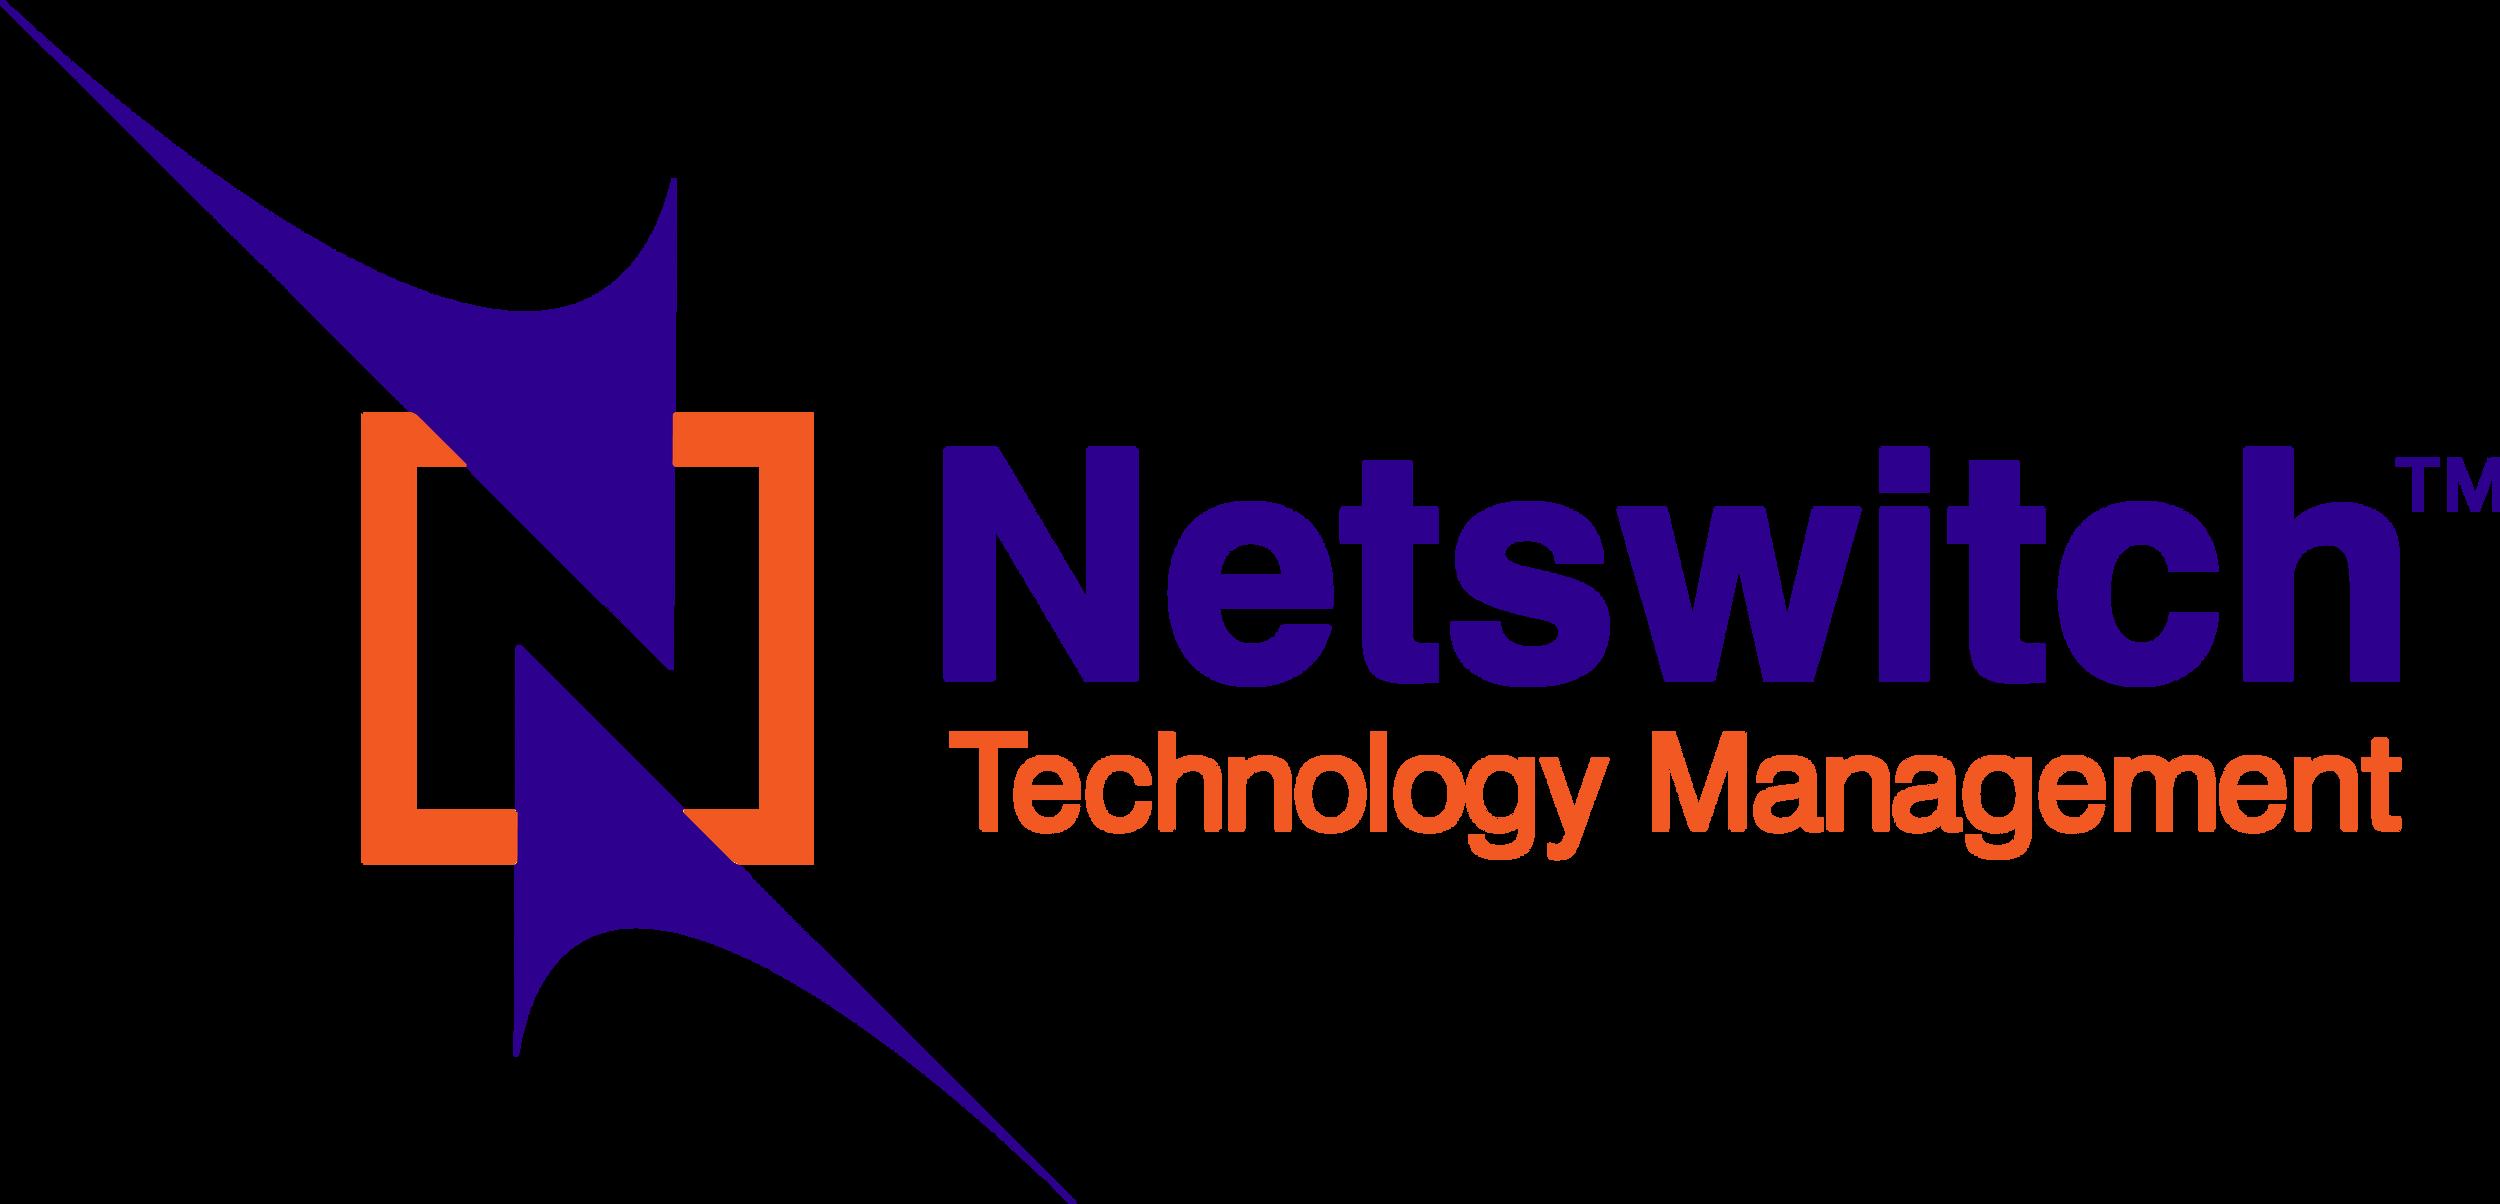 Netswitch Technology Management logo